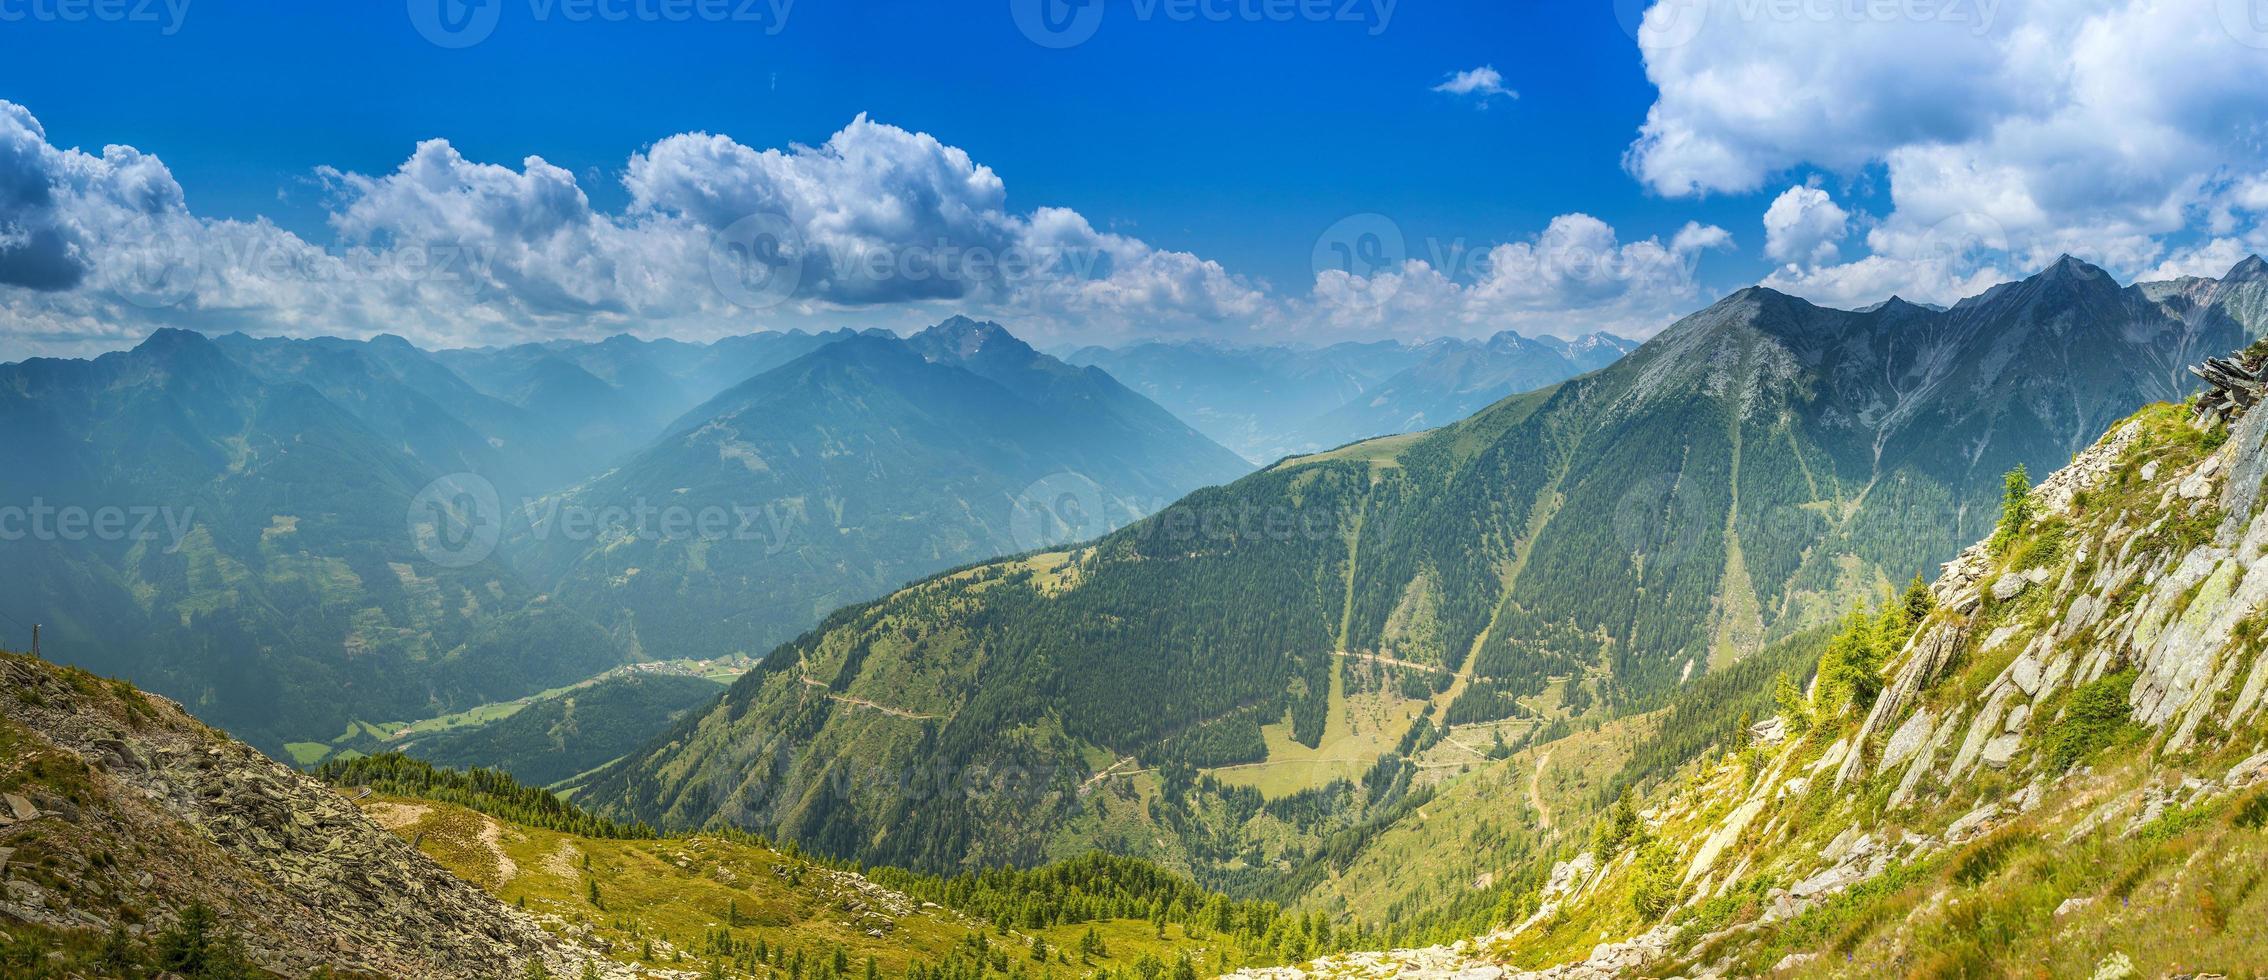 Alpen im Sommer foto